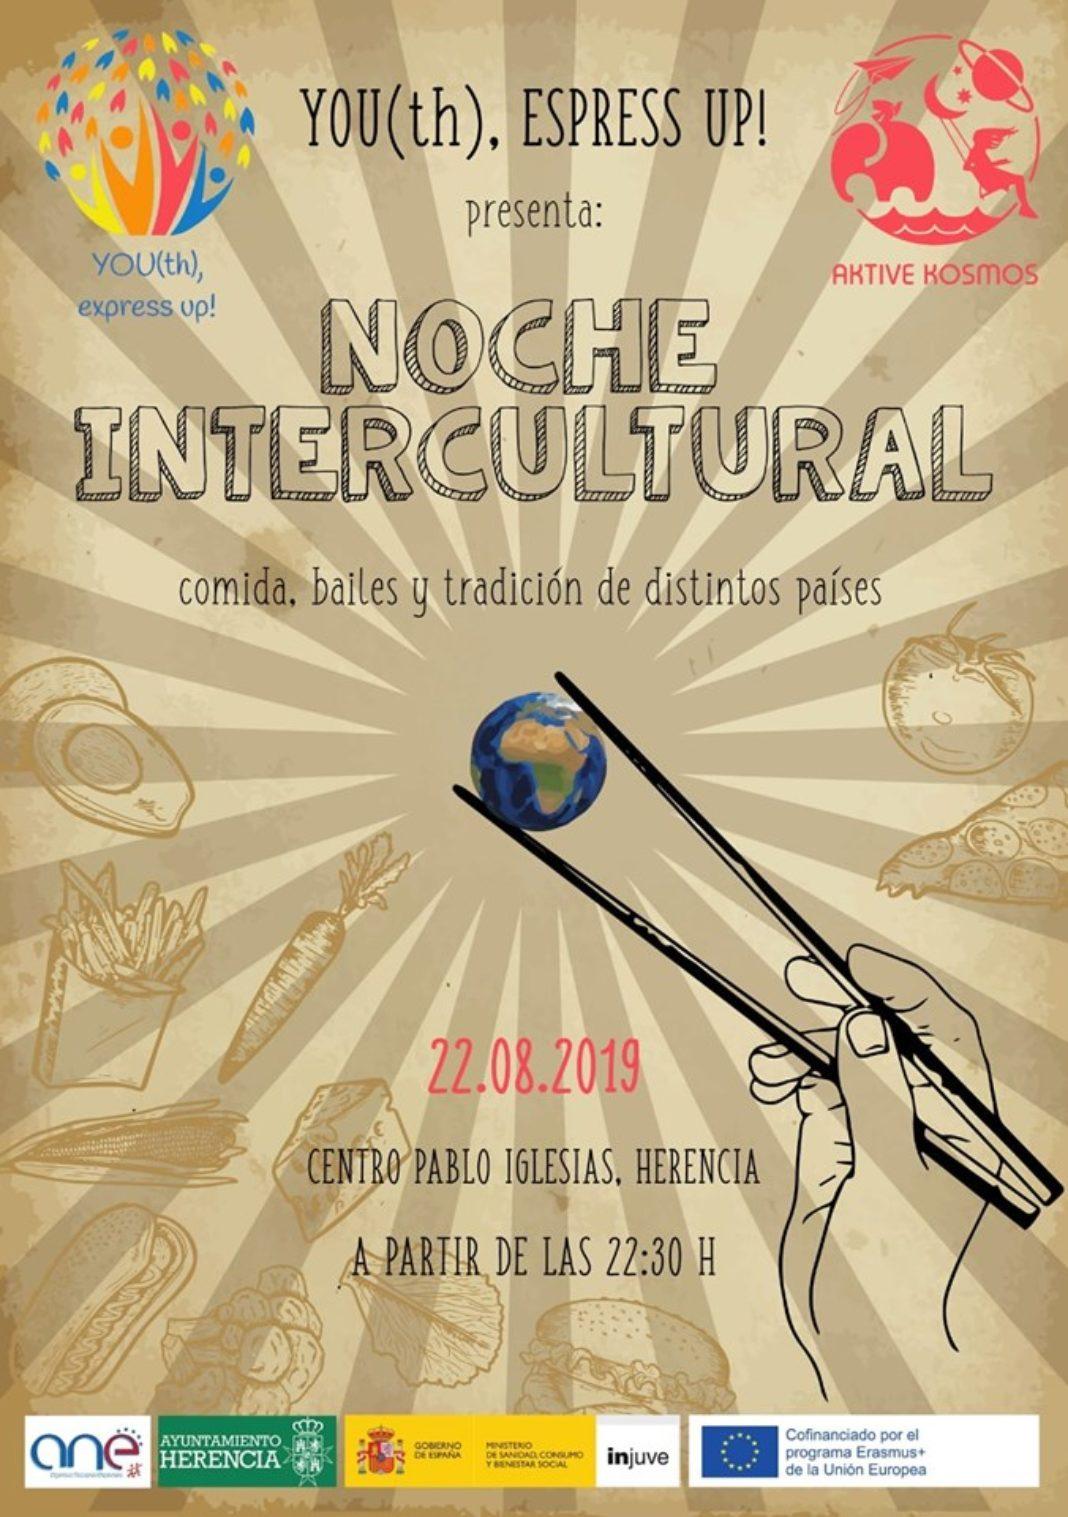 Noche Intercultural de la mano de Aktive Kosmos y el proyecto Erasmus+ Youth Express Up! 4